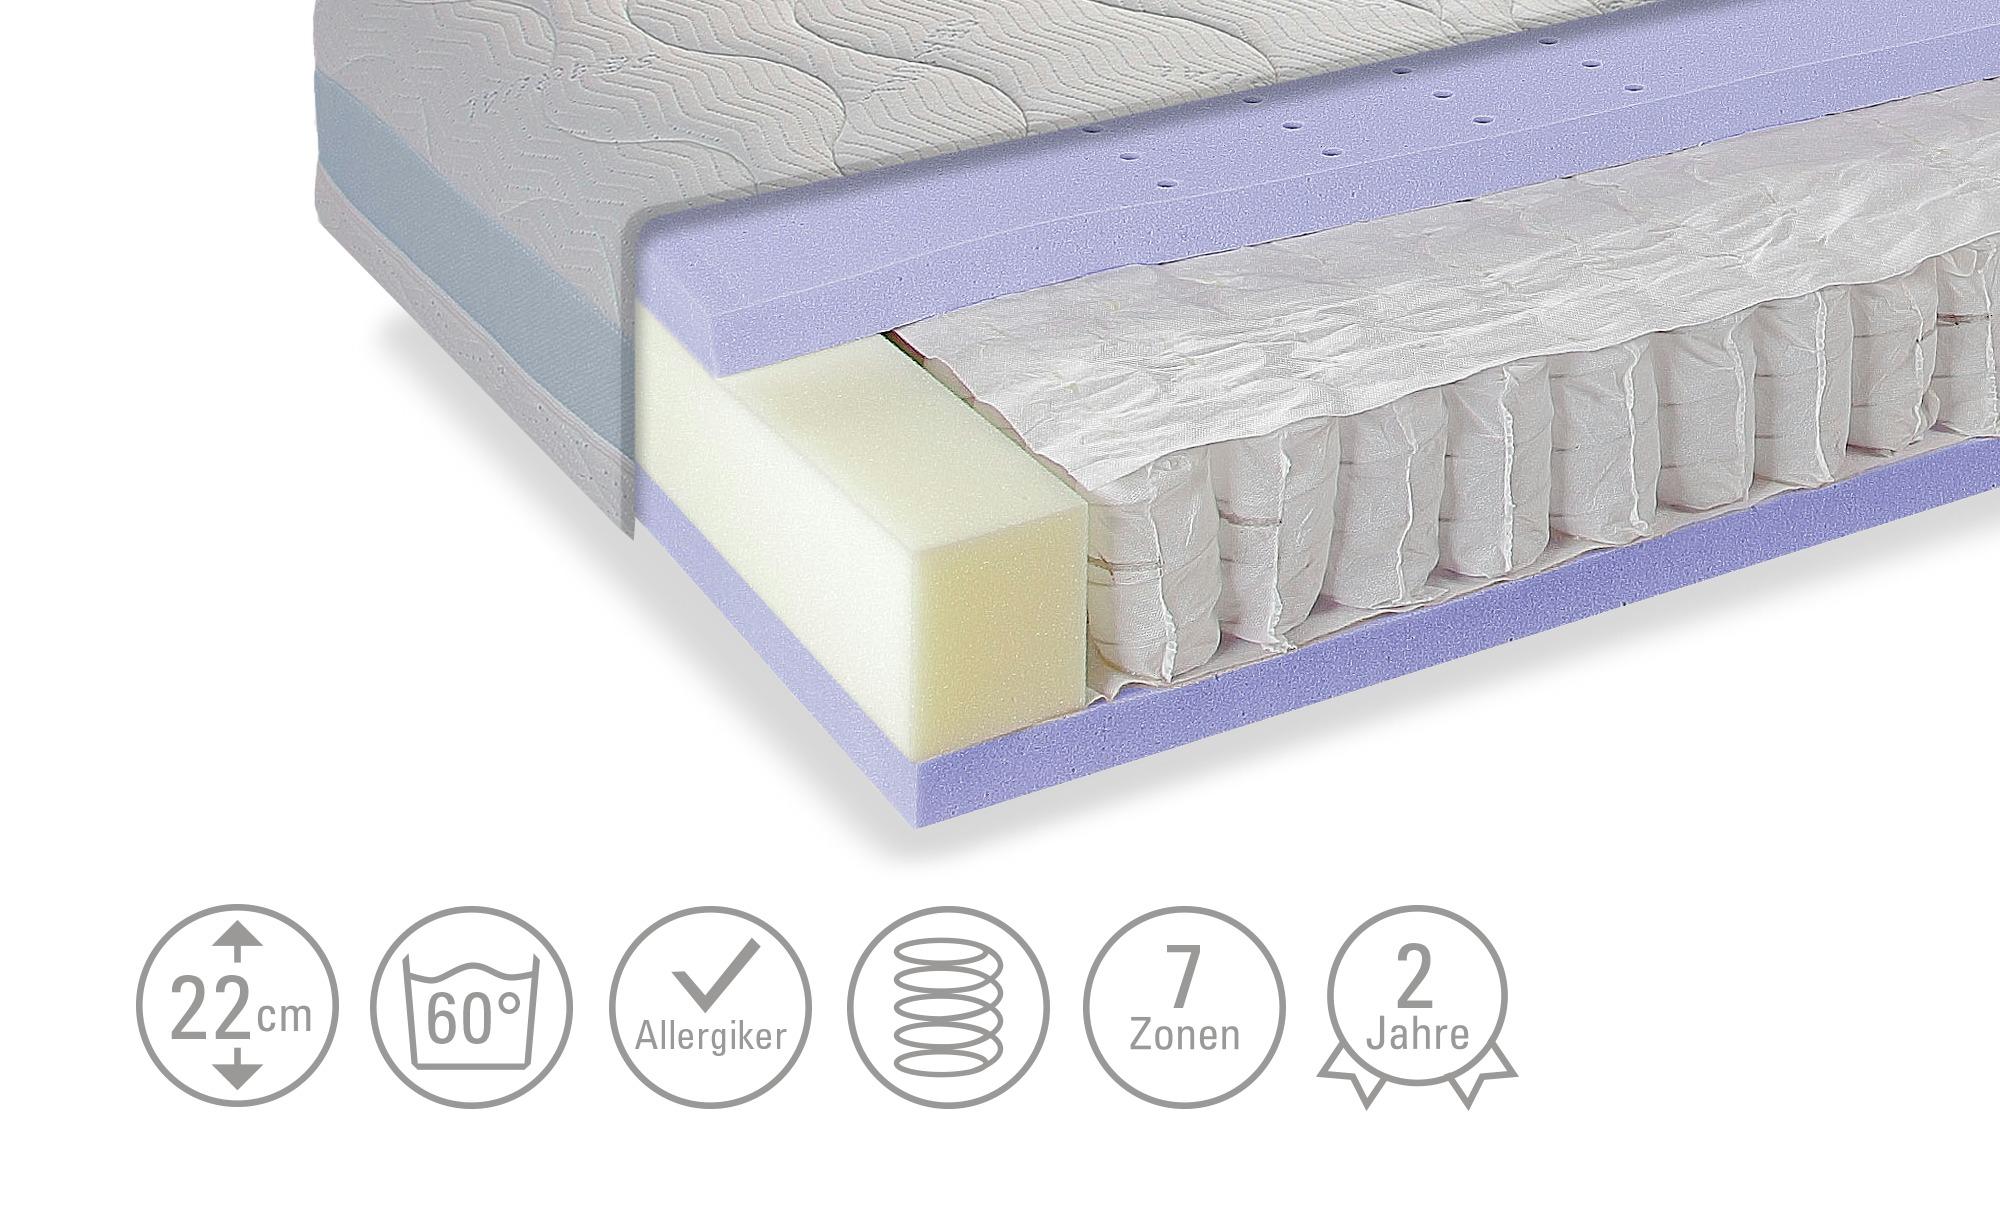 Taschenfederkern-Matratze  Sea Dream TFK Gel - weiß - Matratzen & Lattenros günstig online kaufen